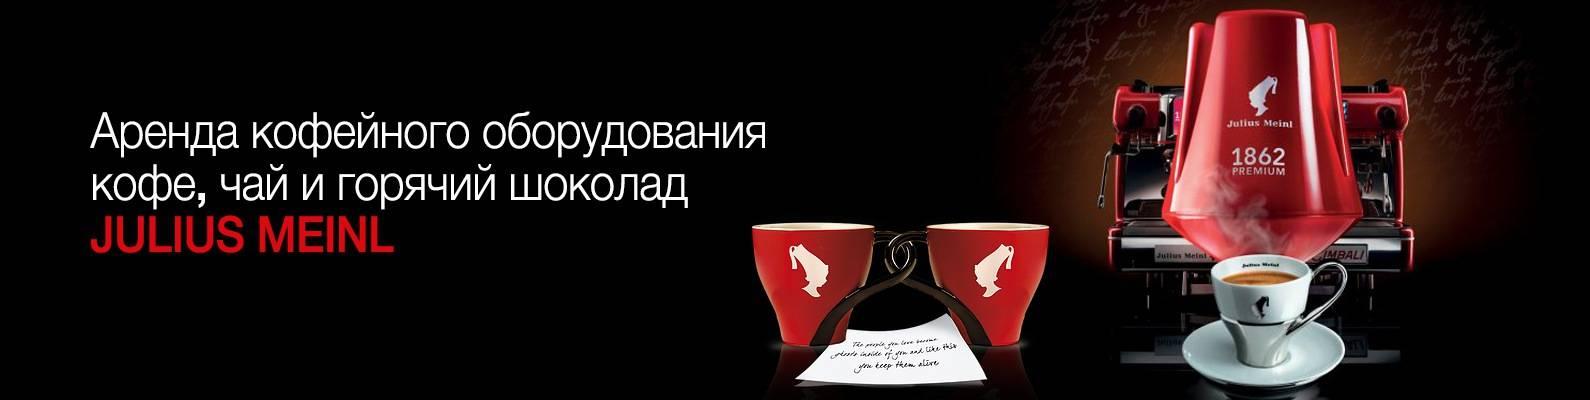 Подробный обзор кофе марки Julius Meinl